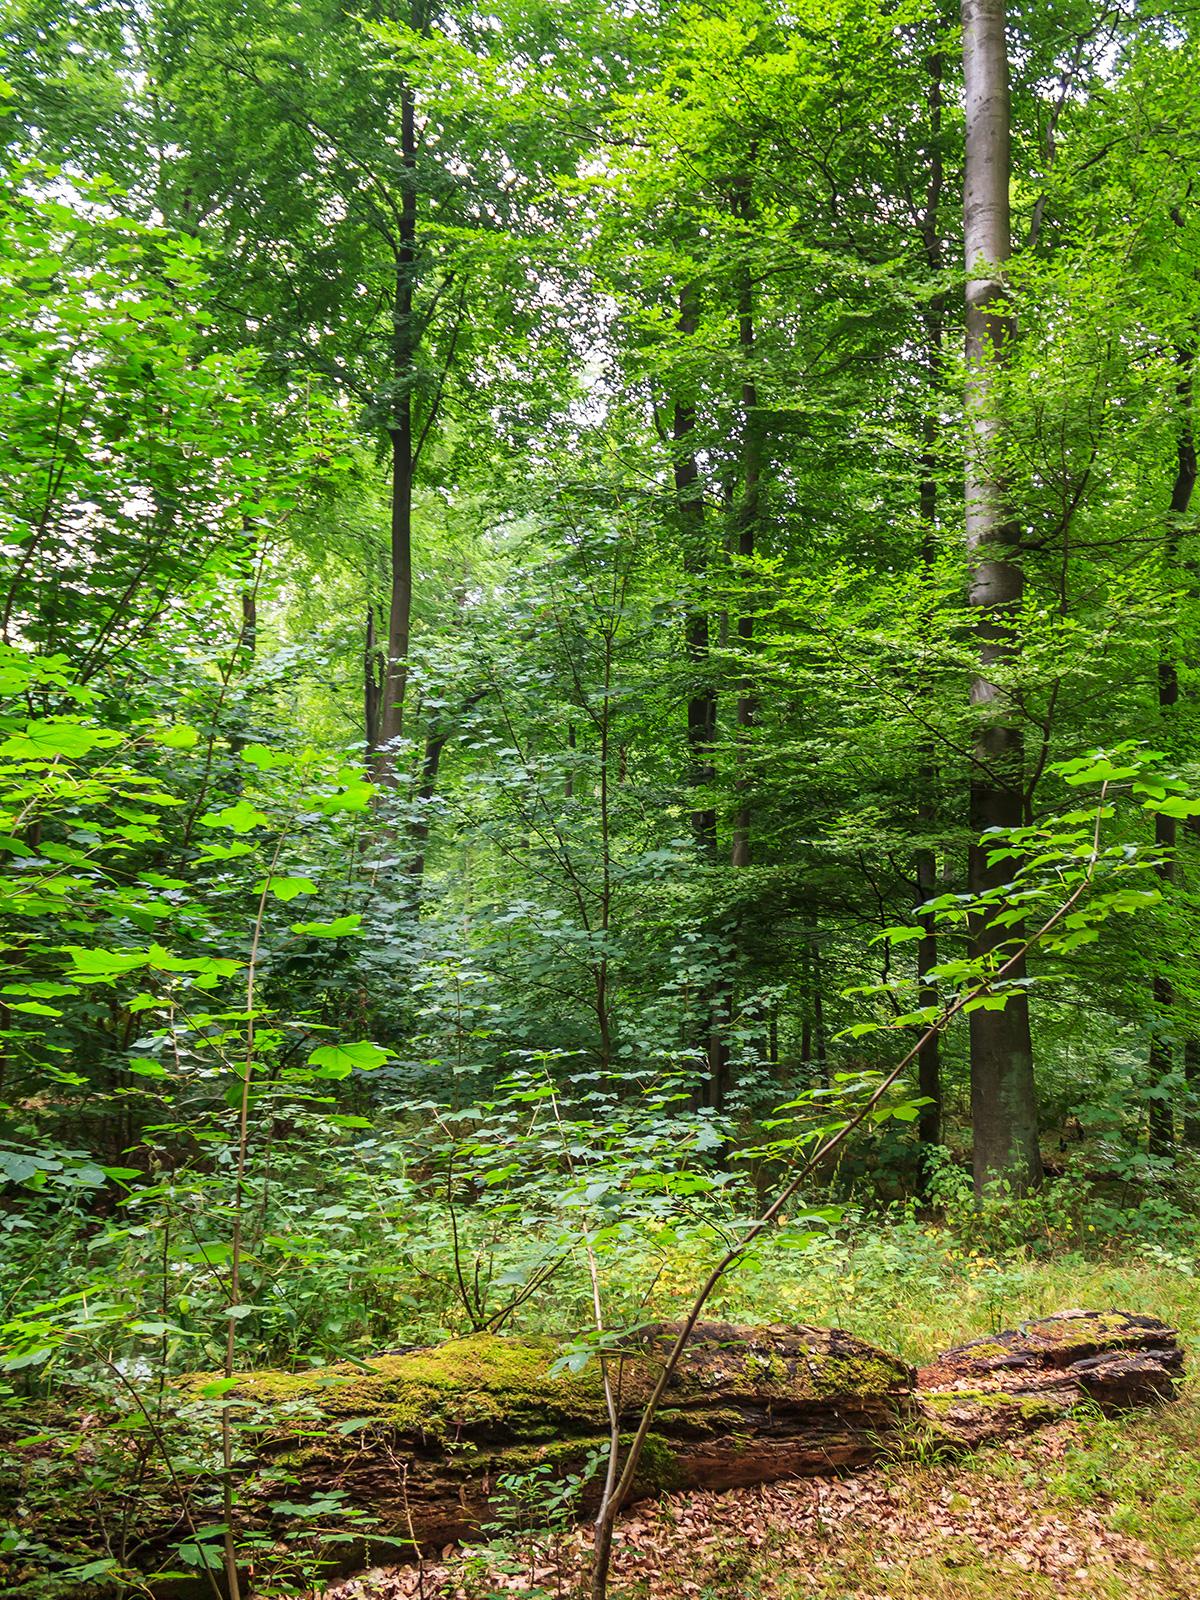 liegendes Totholz inmitten von Ahornverjüngung